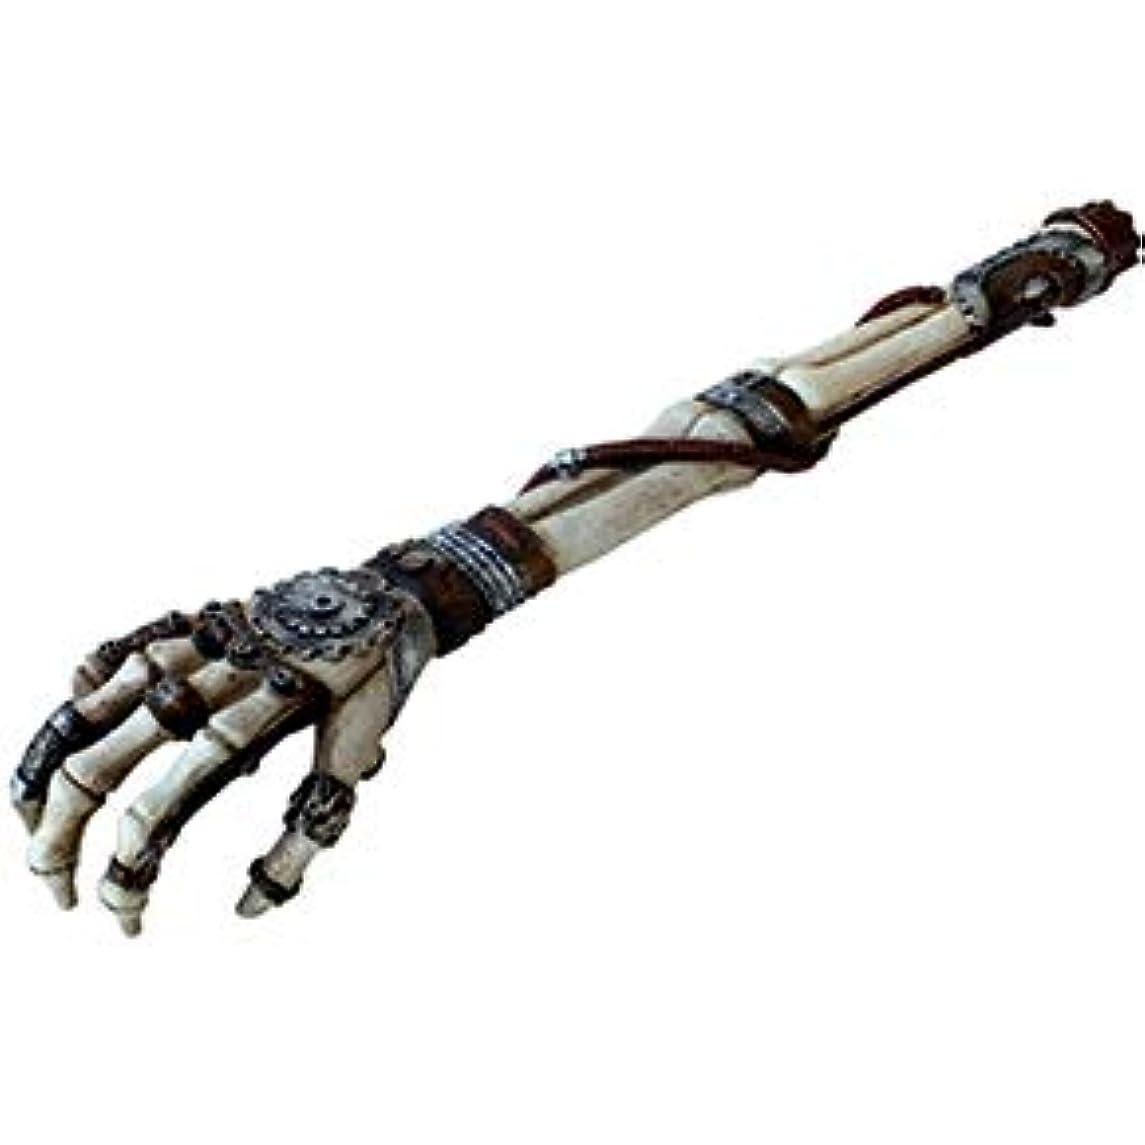 熟したプレミアムウィンクスチームパンクスケルトンアーム バックスクラッチャー(孫の手) Steampunk Skeleton arm back scratcher